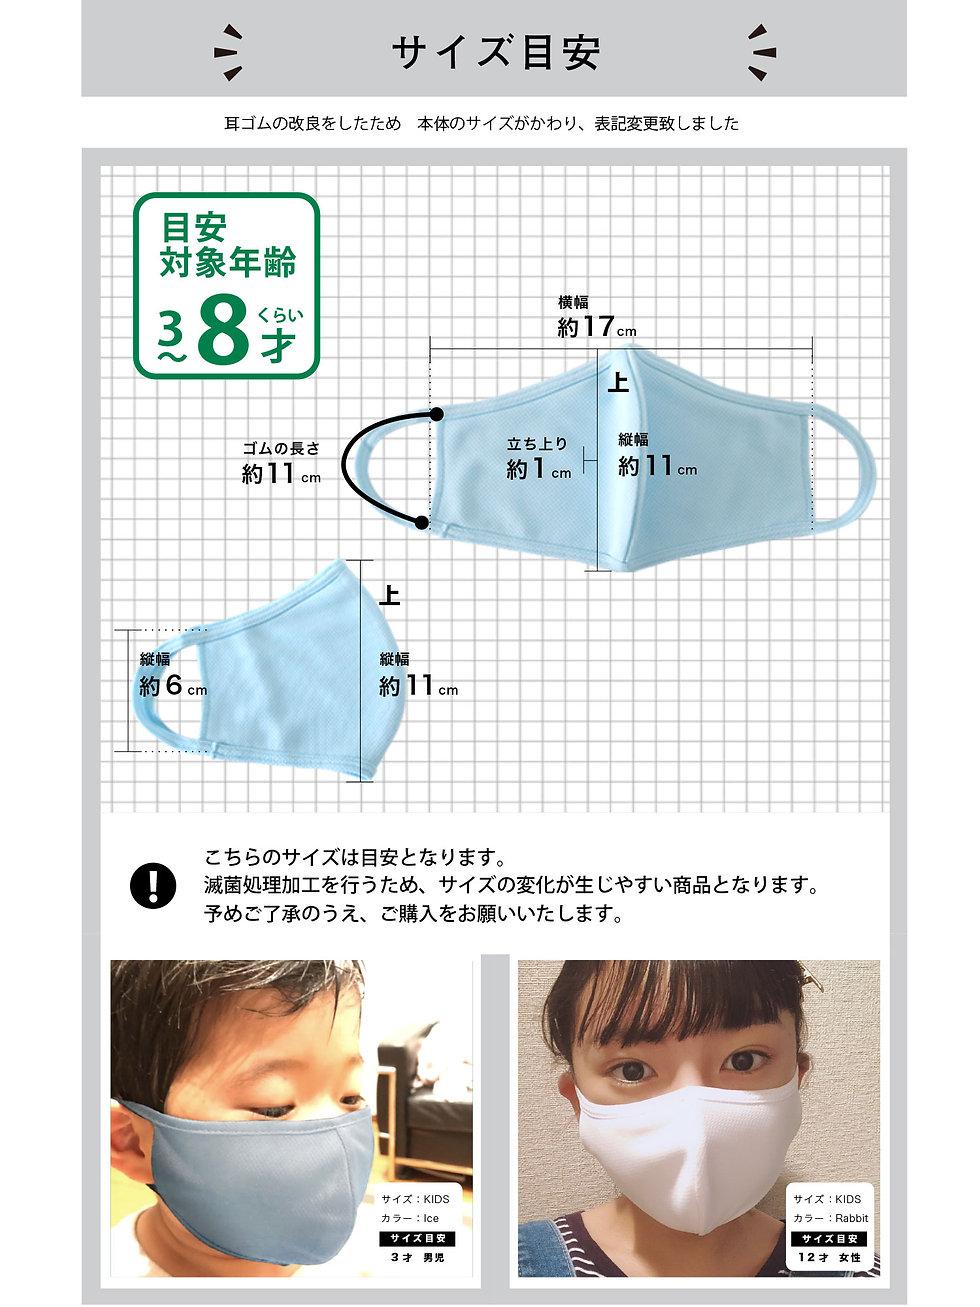 pide012-3-3b.jpg